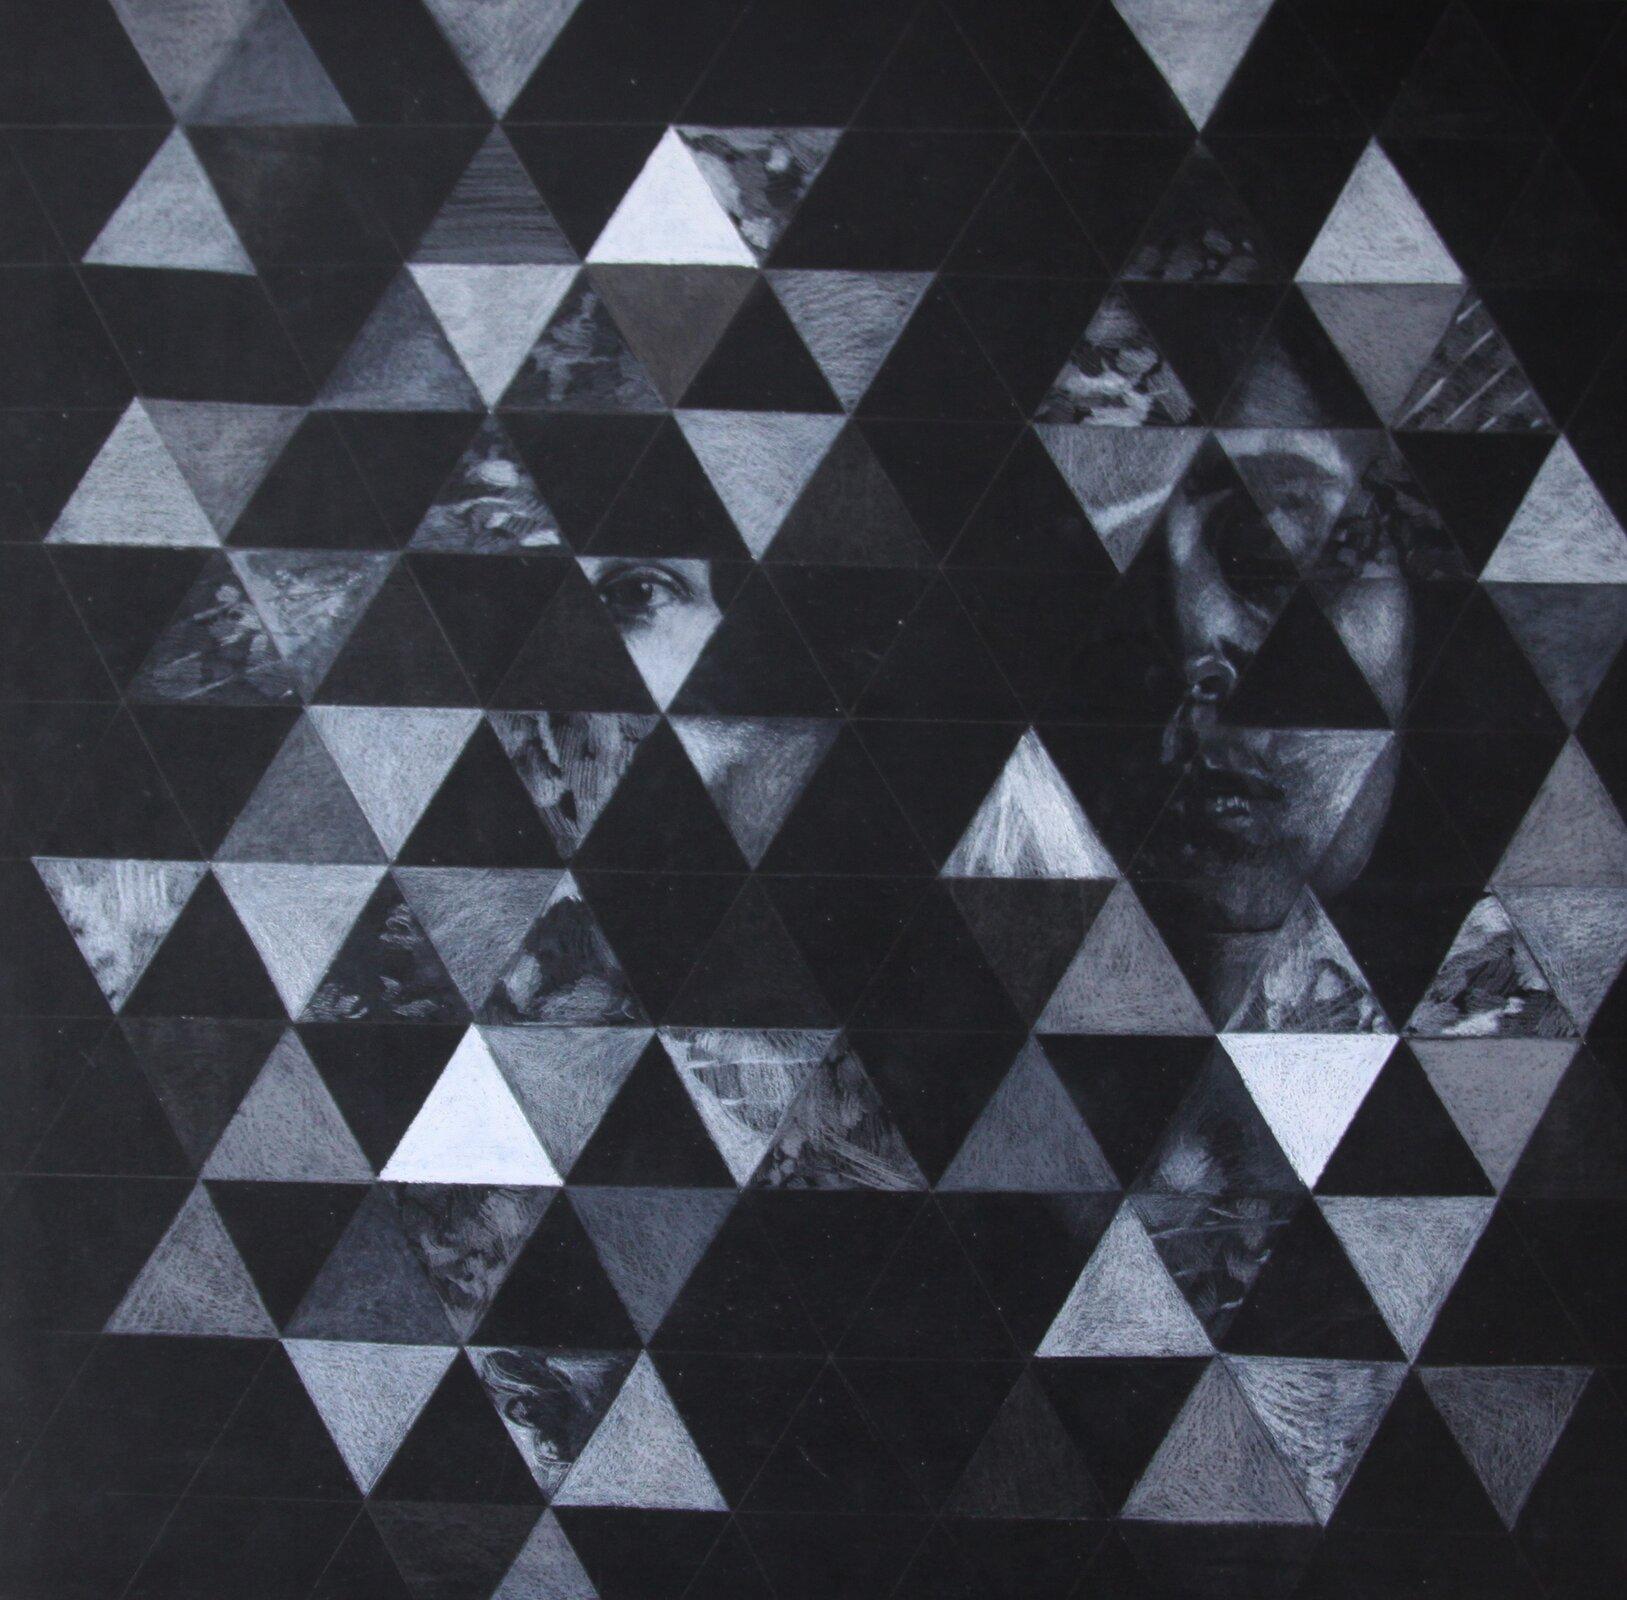 """Ilustracja przedstawia rysunek """"123"""" autorstwa Agnieszki Majak. Czarno-biała kompozycja została stworzona na wzór obrazu kalejdoskopowego. Czarna płaszczyzna pracy podzielona została na małe trójkąty. Część znich artystka zamalowała białą kreską tworząc jasno-szare, trójkątne płaszczyzny oróżnym natężeniu. Na innych ukazane zostały fragmenty rysunków onieczytelnej formie. Na jednym ztrójkątów wcentrum kompozycji znajduje się oko. Kilka trójkątów po prawej stronie ukazuje większy fragment twarzy kobiety ozamkniętych oczach."""